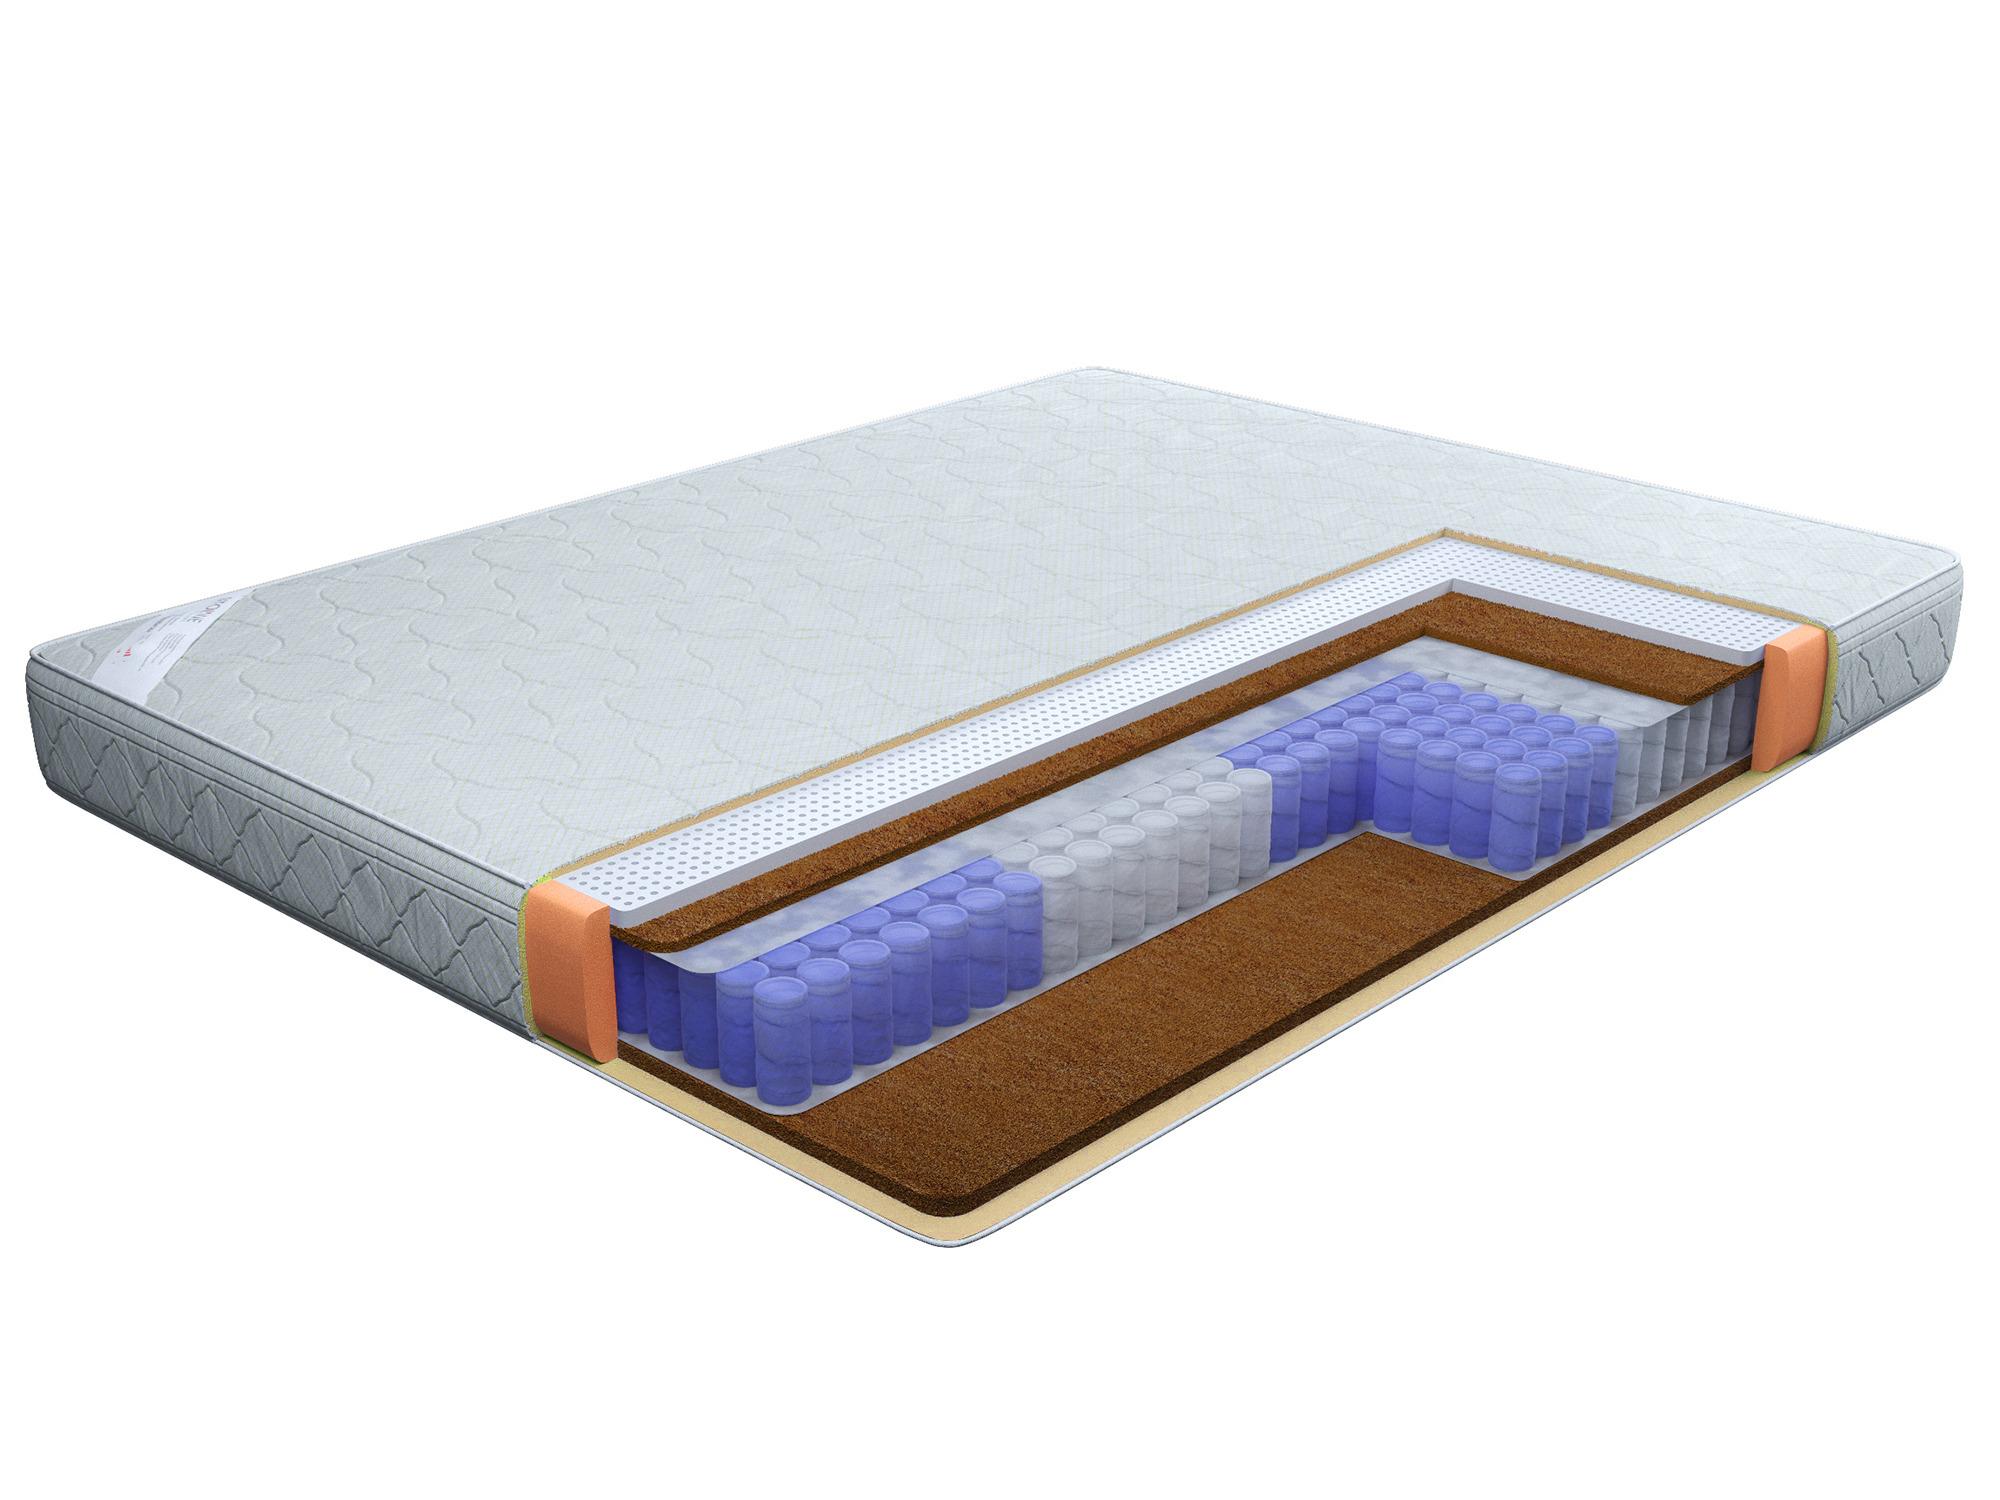 Матрас Премиум-Афродита 900*2000Мебель для спальни<br>Ортопедический матрас с различной жесткостью сторон на основе блока независимых пружин. Верхняя жесткая сторона содержит кокосовую плиту и волокна сизаля. Волокна сизаля не проводят статическое электричество, предохраняя от ощущения жары и влажности. Нижняя мягкая сторона содержит койру и натуральный латекс- 100% натуральный материал, обладающий антистатическим действием. &#13;Габаритные размеры (ШхВхГ): от 800 x 180-220 x от 1900 мм &#13;Высота: 19-20;&#13;Периметр: пенополиуретан;&#13;Основа: блок независимых пружин (Pocket spring);&#13;Чехол: трикотаж хлопковый, стеганный на ППУ;&#13;Наполнитель: кокосовая койра, настил сизаля, натуральный латекс;&#13;Макс. нагрузка на 1 спальное место: до 120 кг.<br><br>Длина мм: 900<br>Высота мм: 180<br>Глубина мм: 2000<br>Длина матраса: 2000<br>Ширина матраса: 900<br>Высота матраса: 200<br>Жесткость матраса: Средняя - Высокая<br>Тип матраса: блок независимых пружин